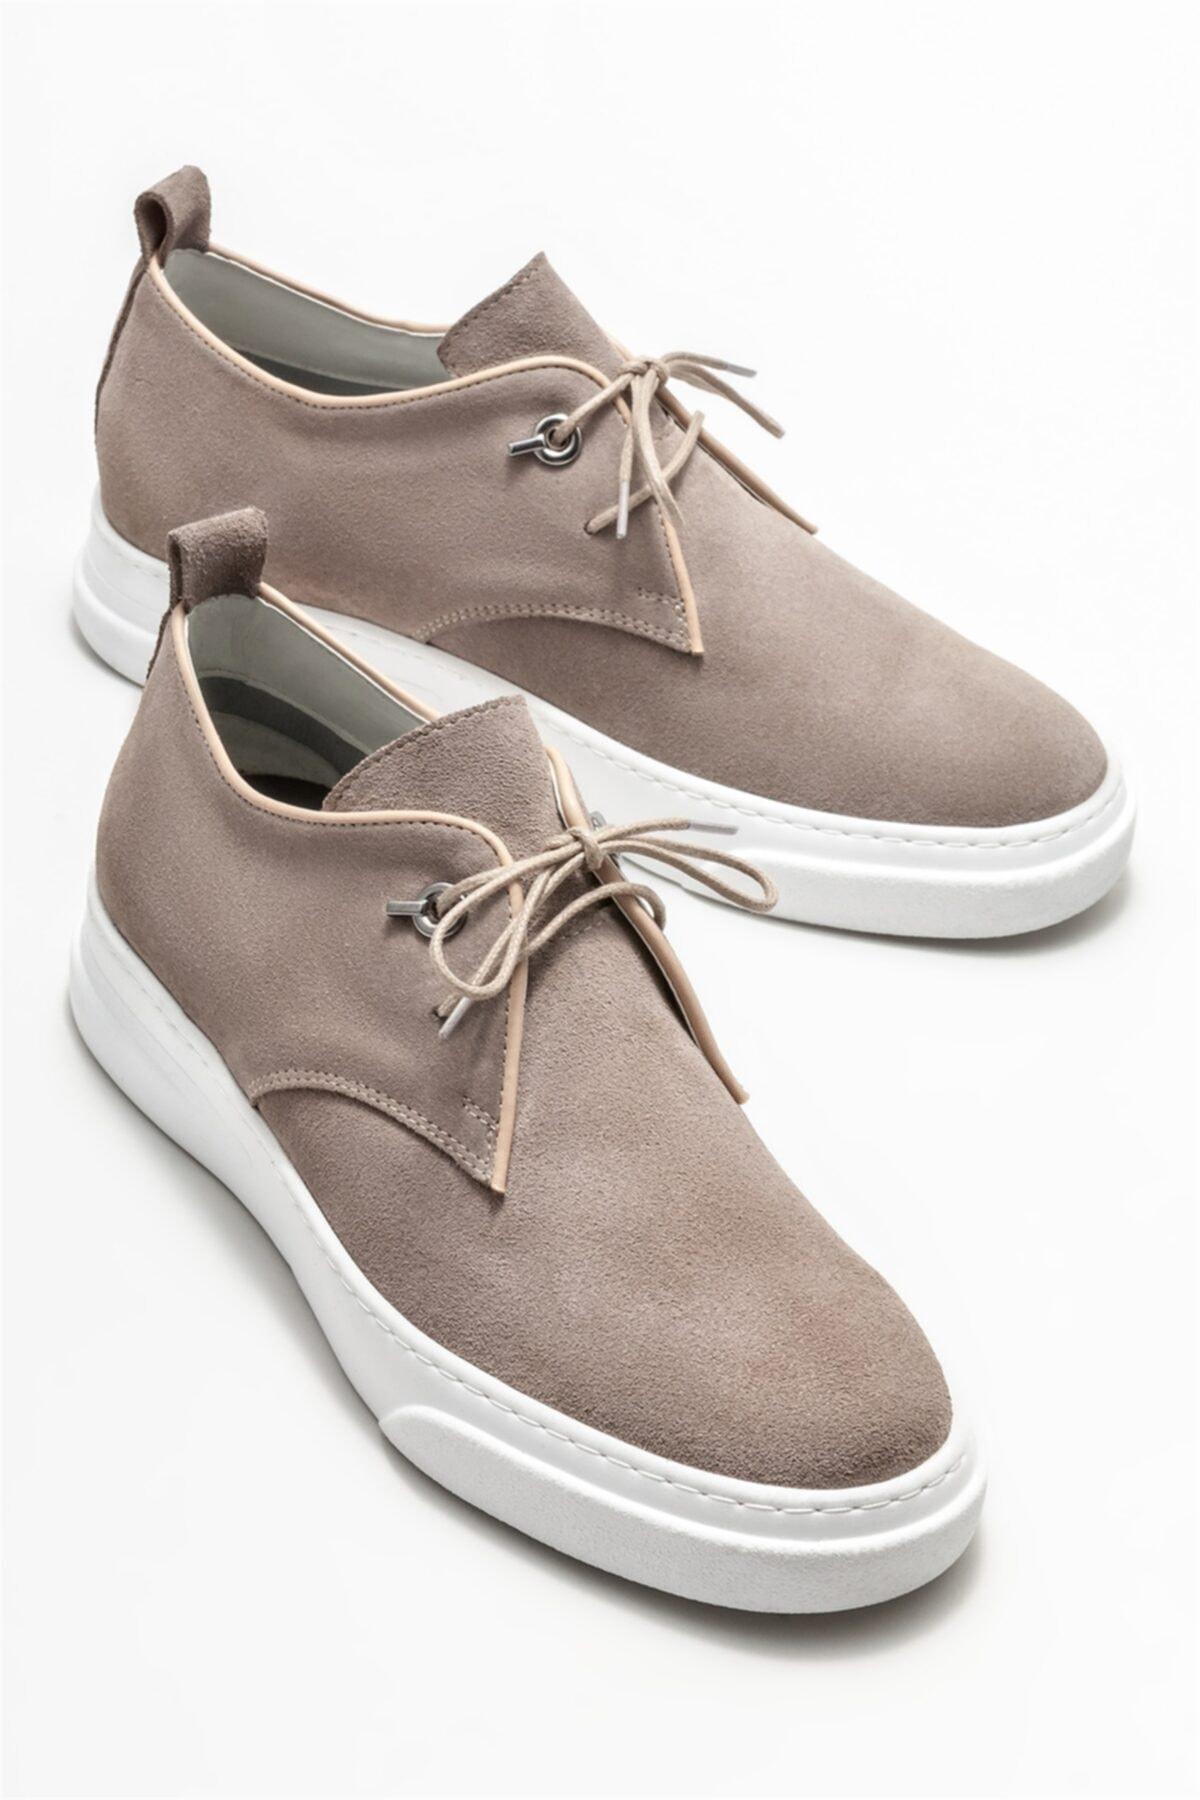 Elle Shoes Bej Deri Erkek Günlük Ayakkabı 2